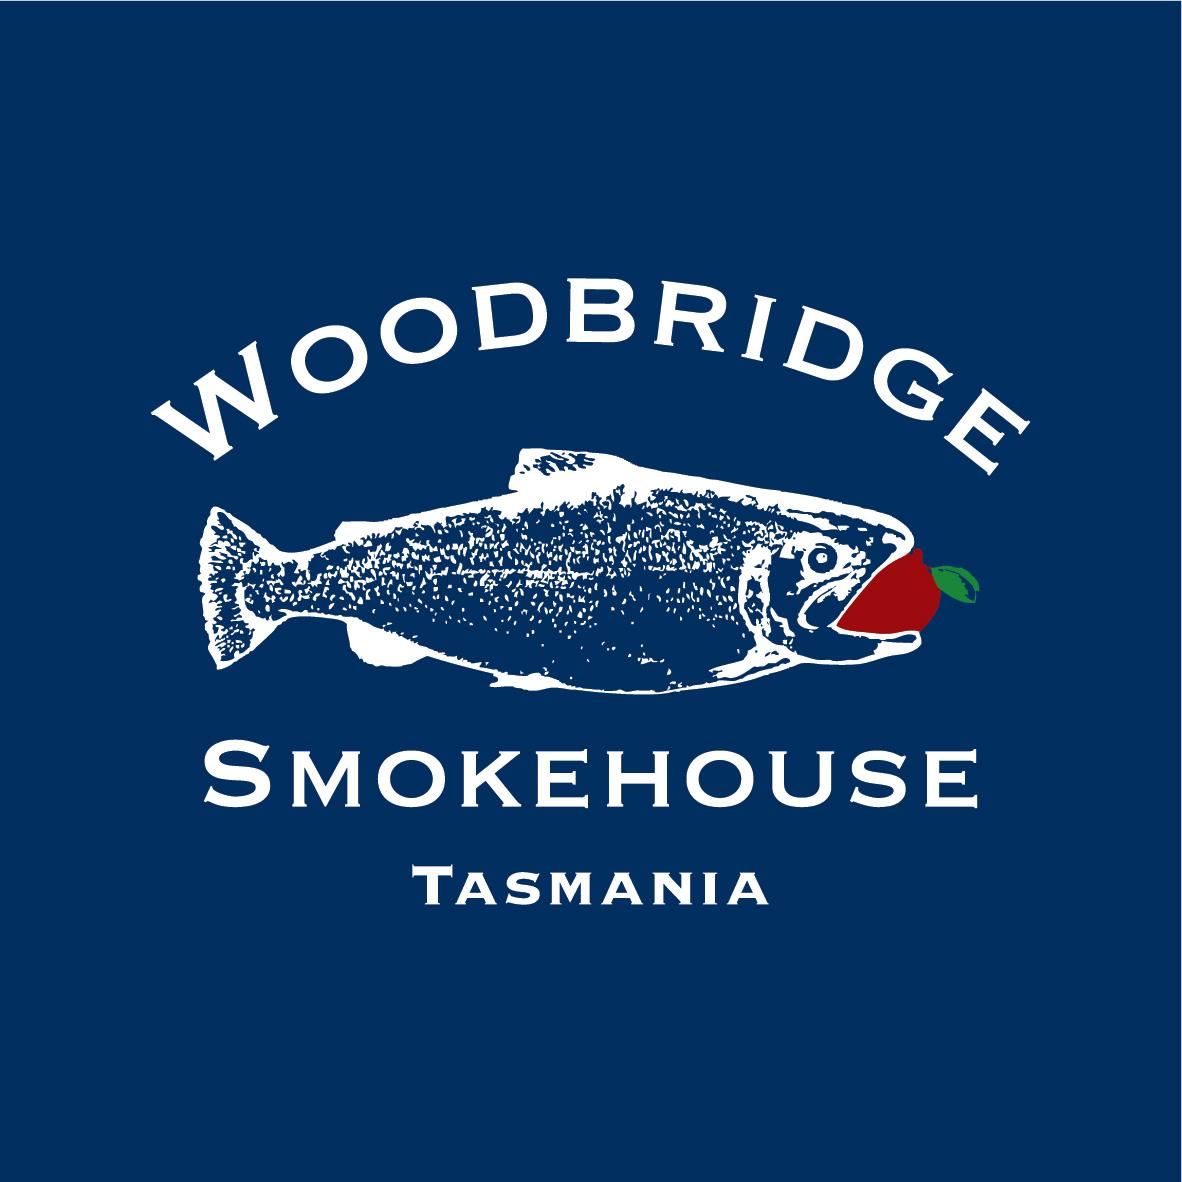 Woodbridge Smokehouse Singapore